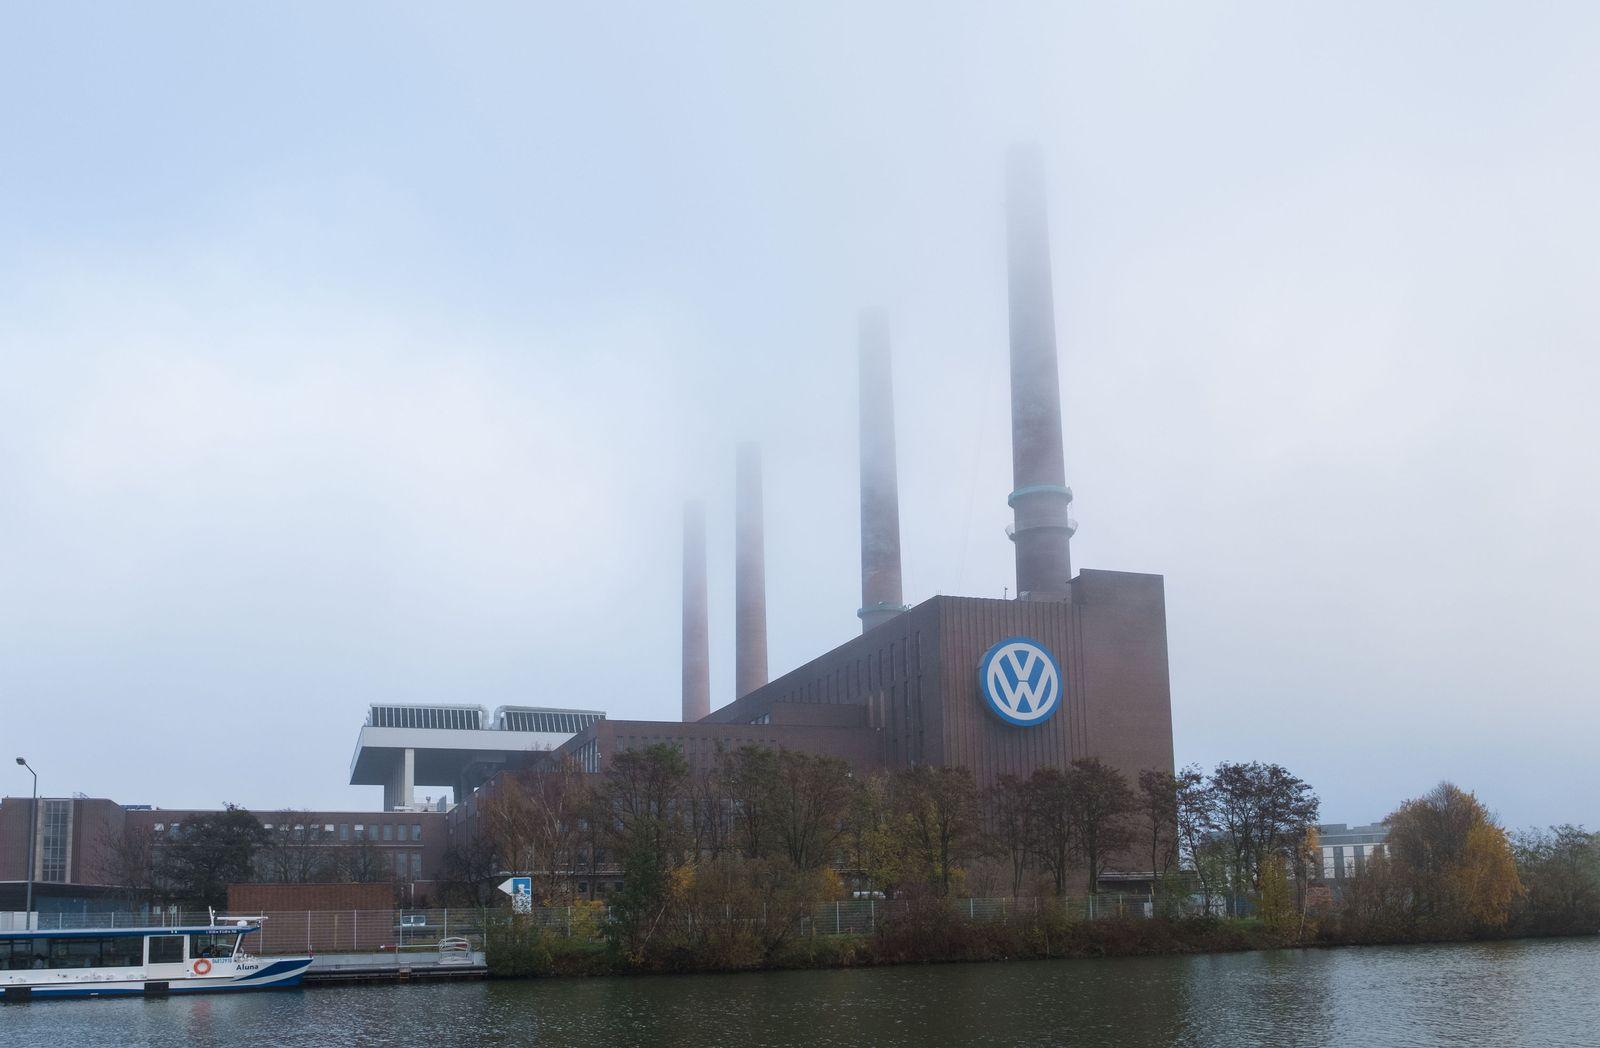 VW-Aufsichtsratssitzung zu Investitionsplanung